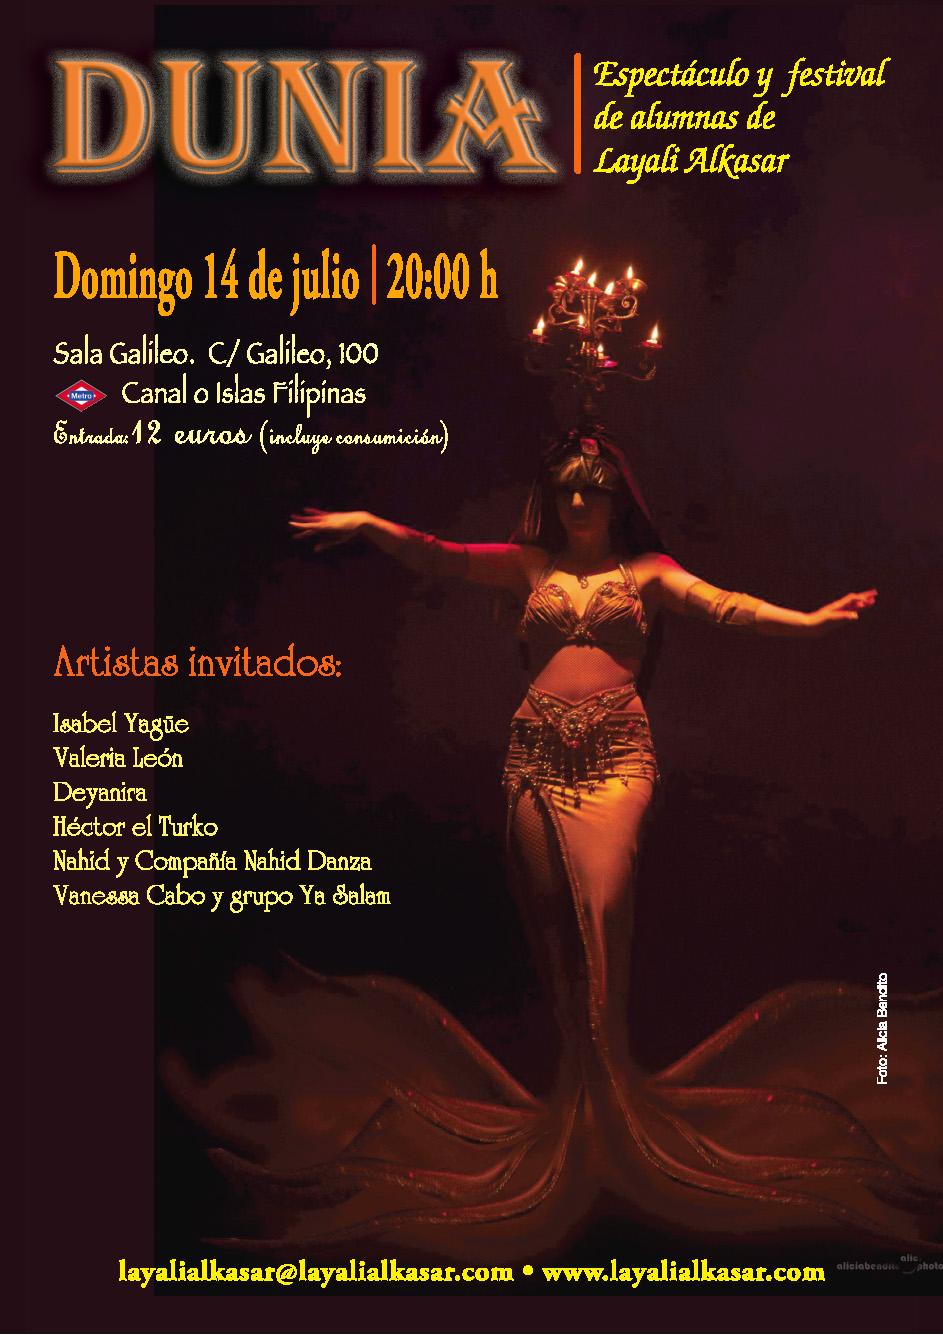 Festival y Espectáculo de Danza Oriental con alumnas de Layali Alkasar y Artistas Invitados.